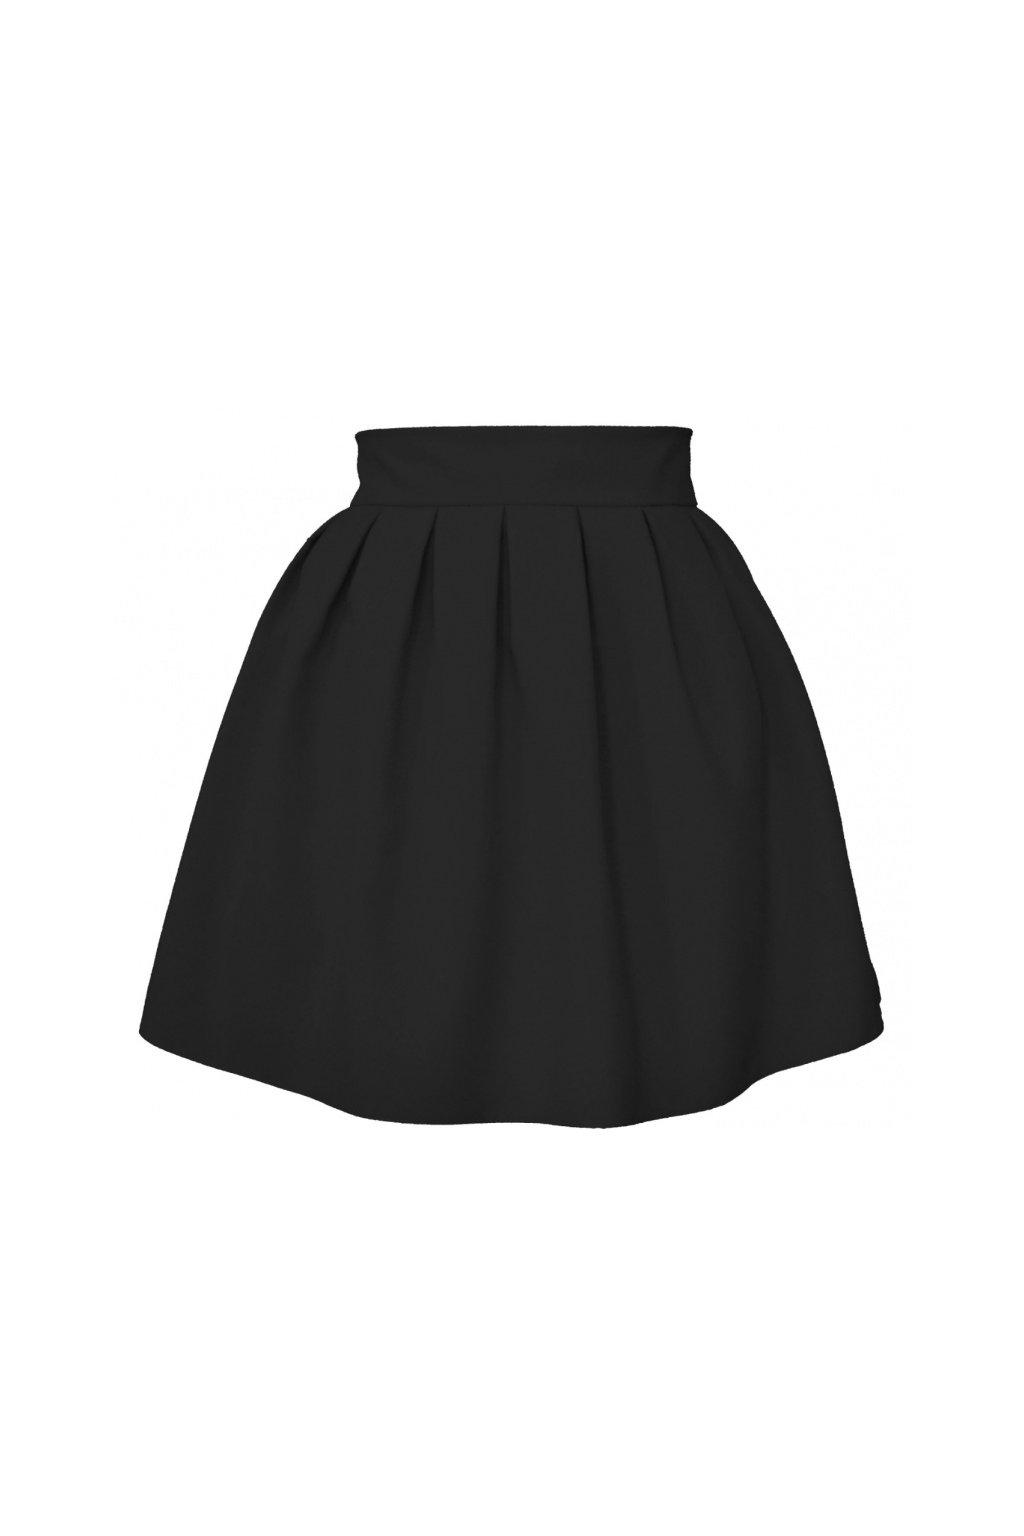 cf0573039971 Áčková sukňa mini tulip čierna - Tentation.sk